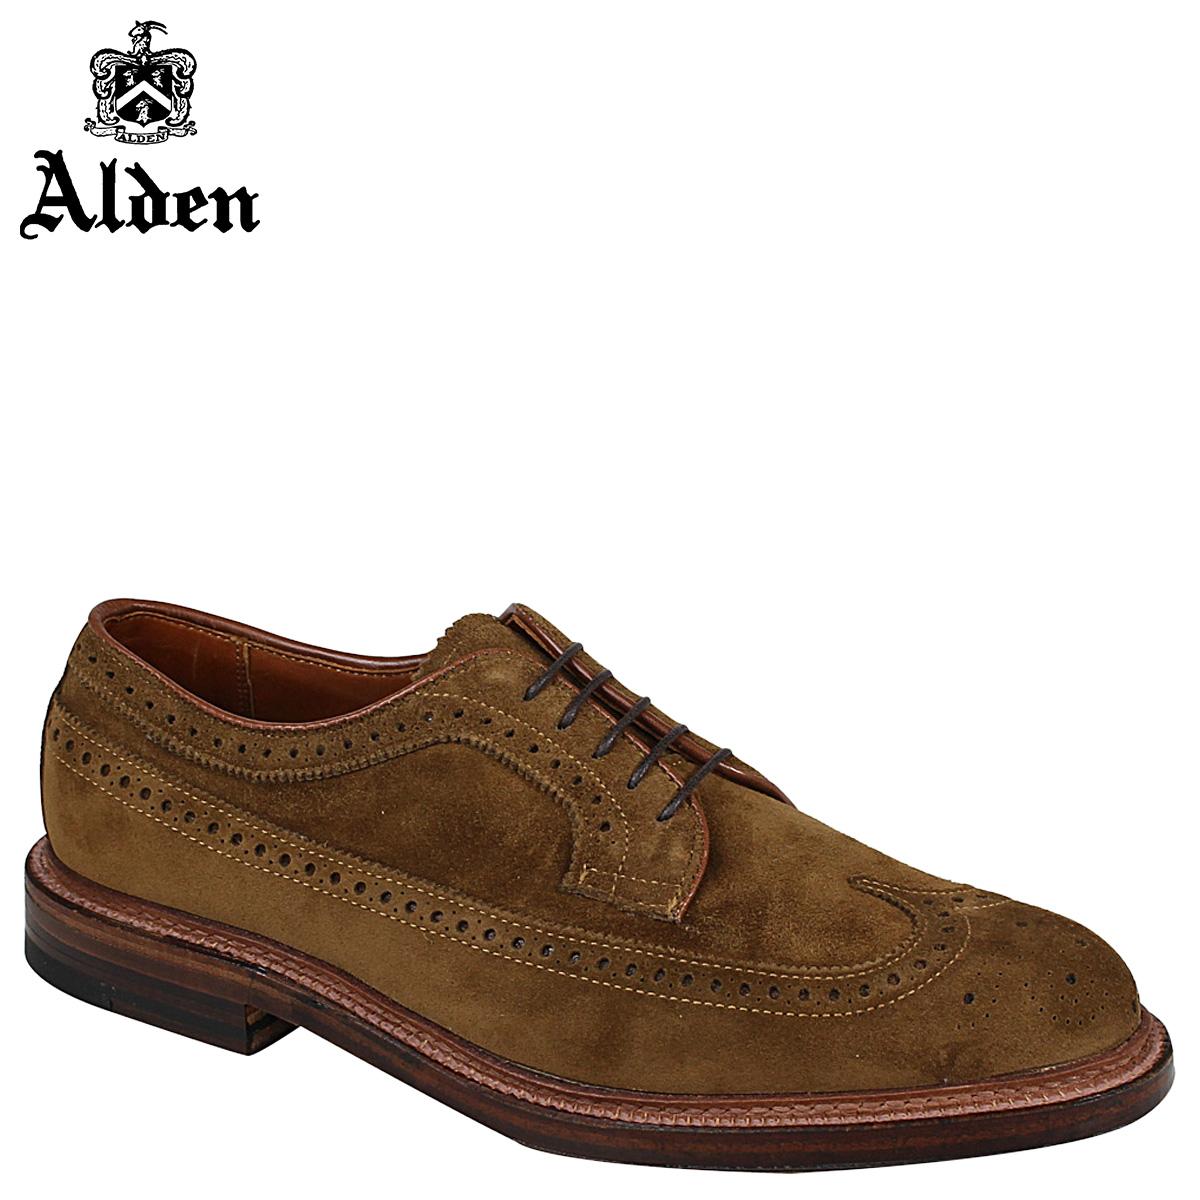 オールデン ALDEN ウイングチップ シューズ LONG WING BLUCHER Dワイズ 9794 メンズ